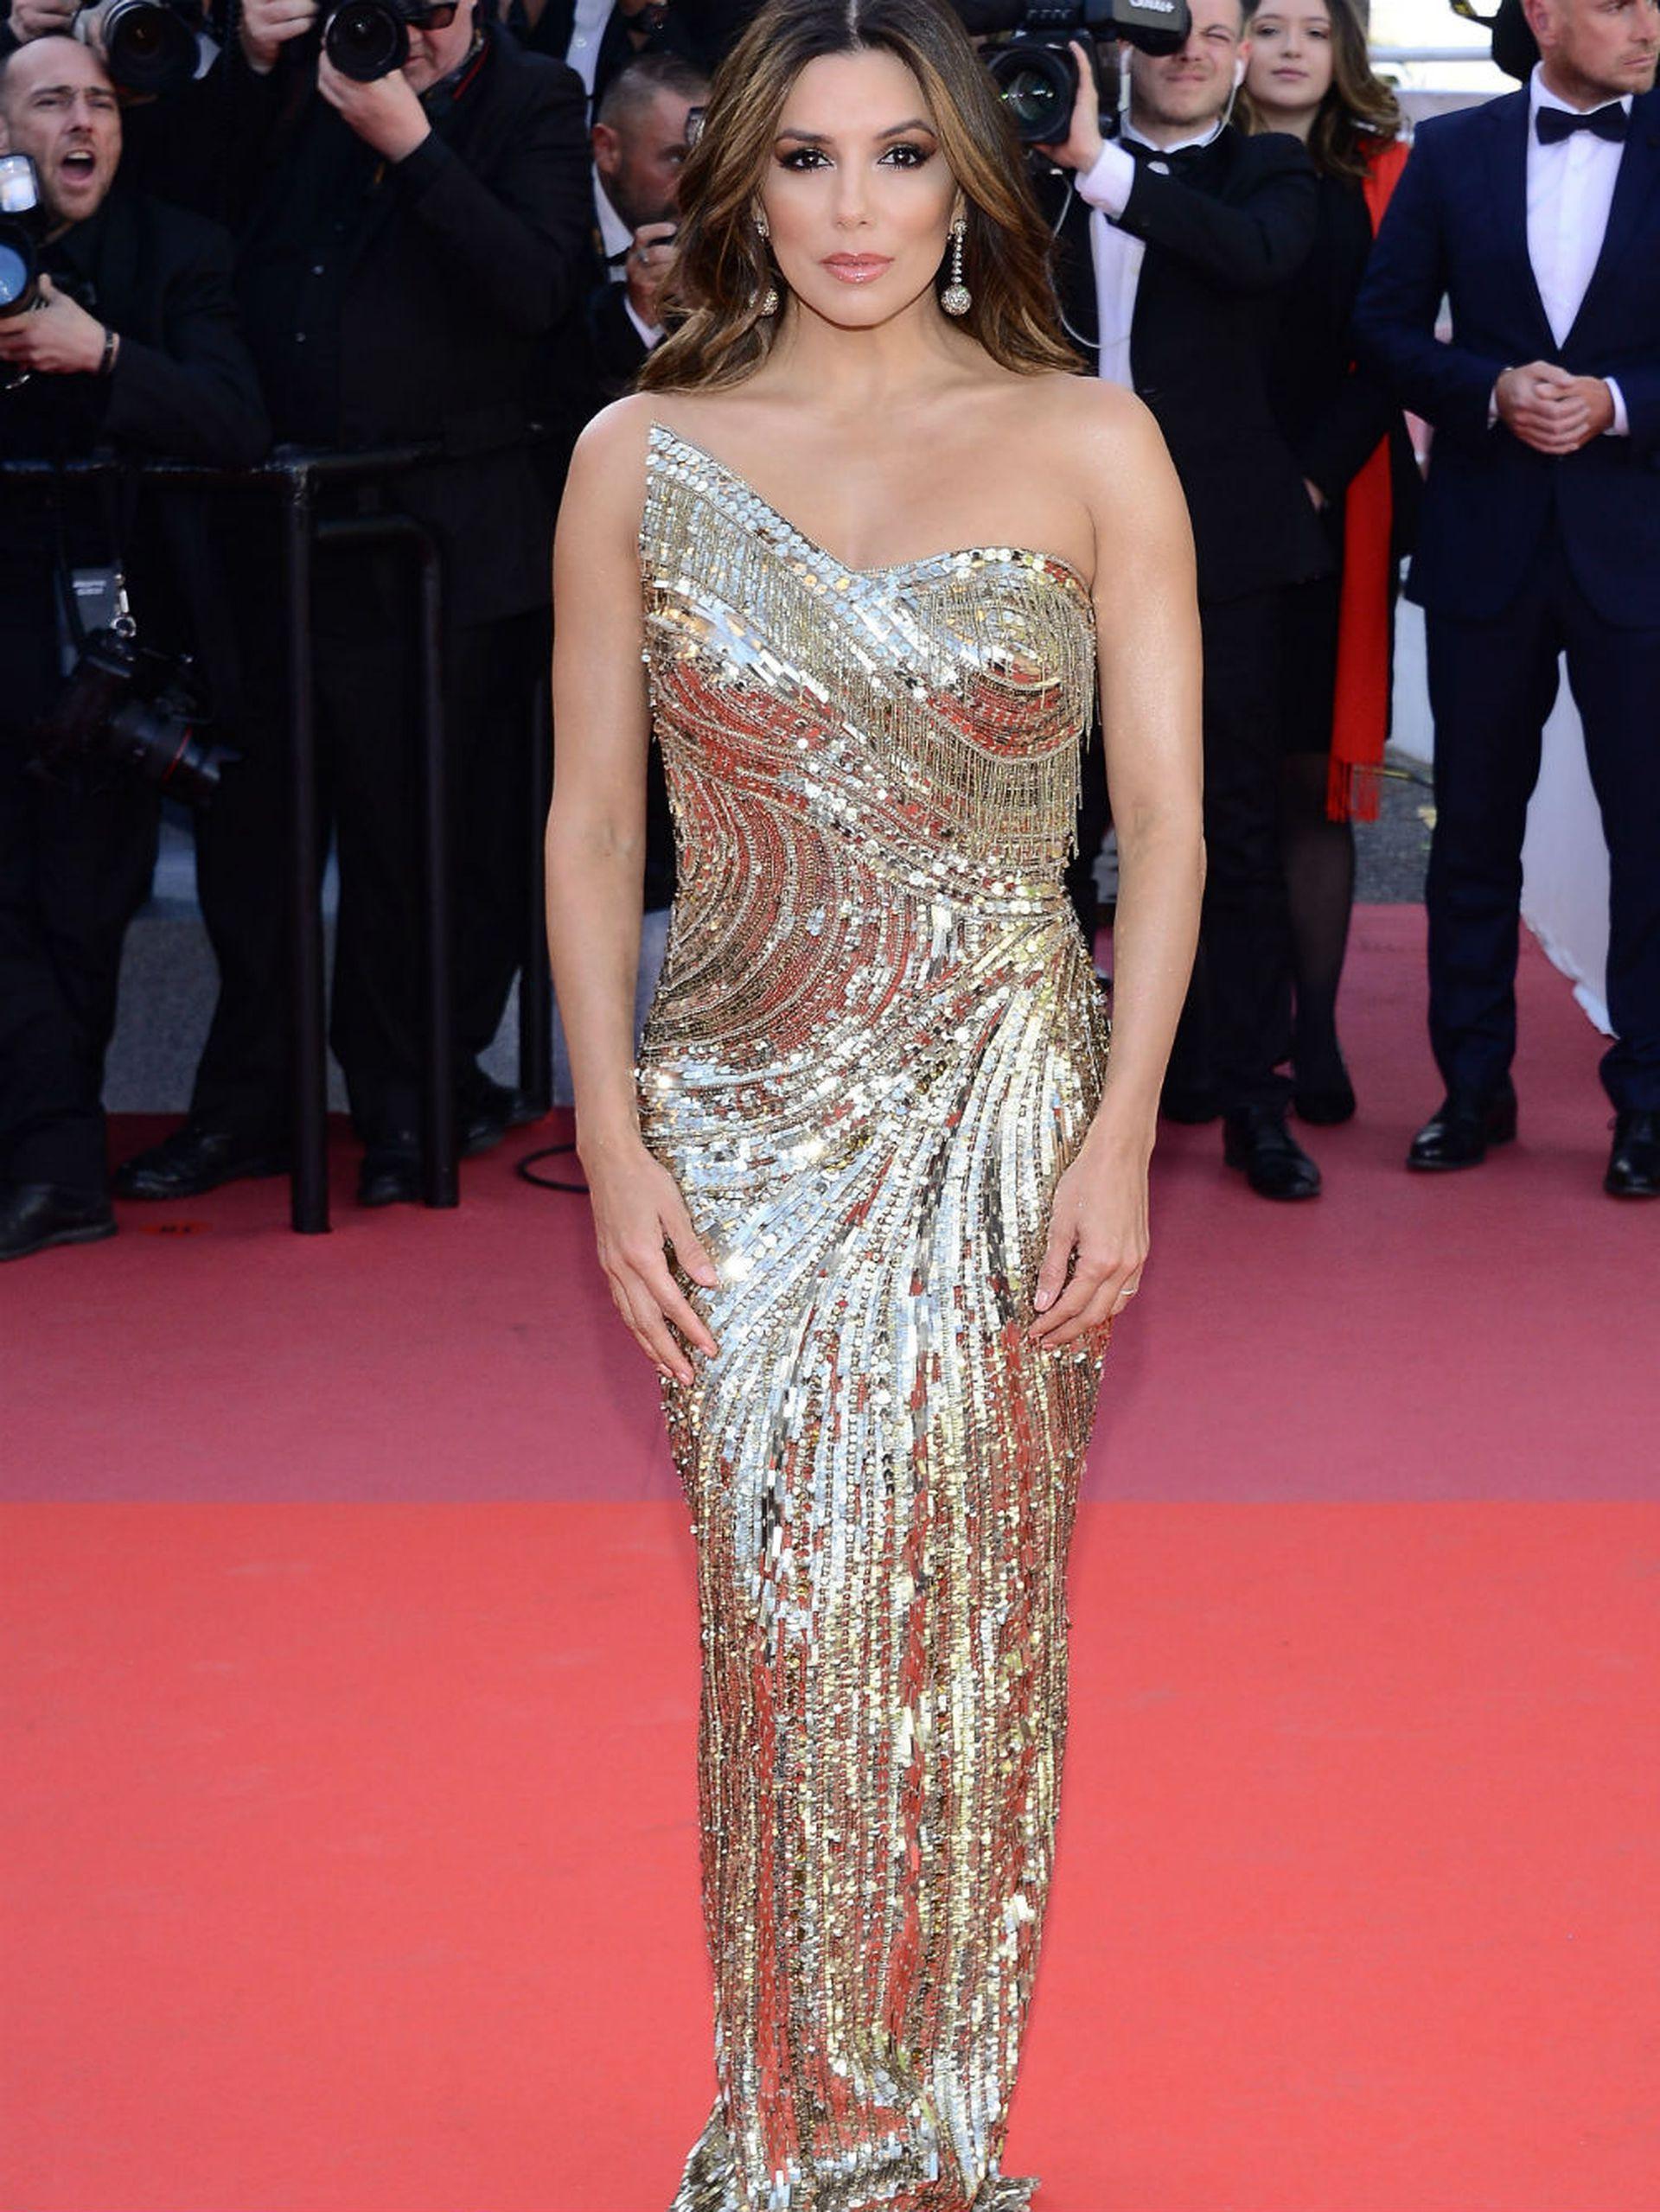 Eva Longoria también asistió a la misma proyección, luciendo un vestido dorado impactante